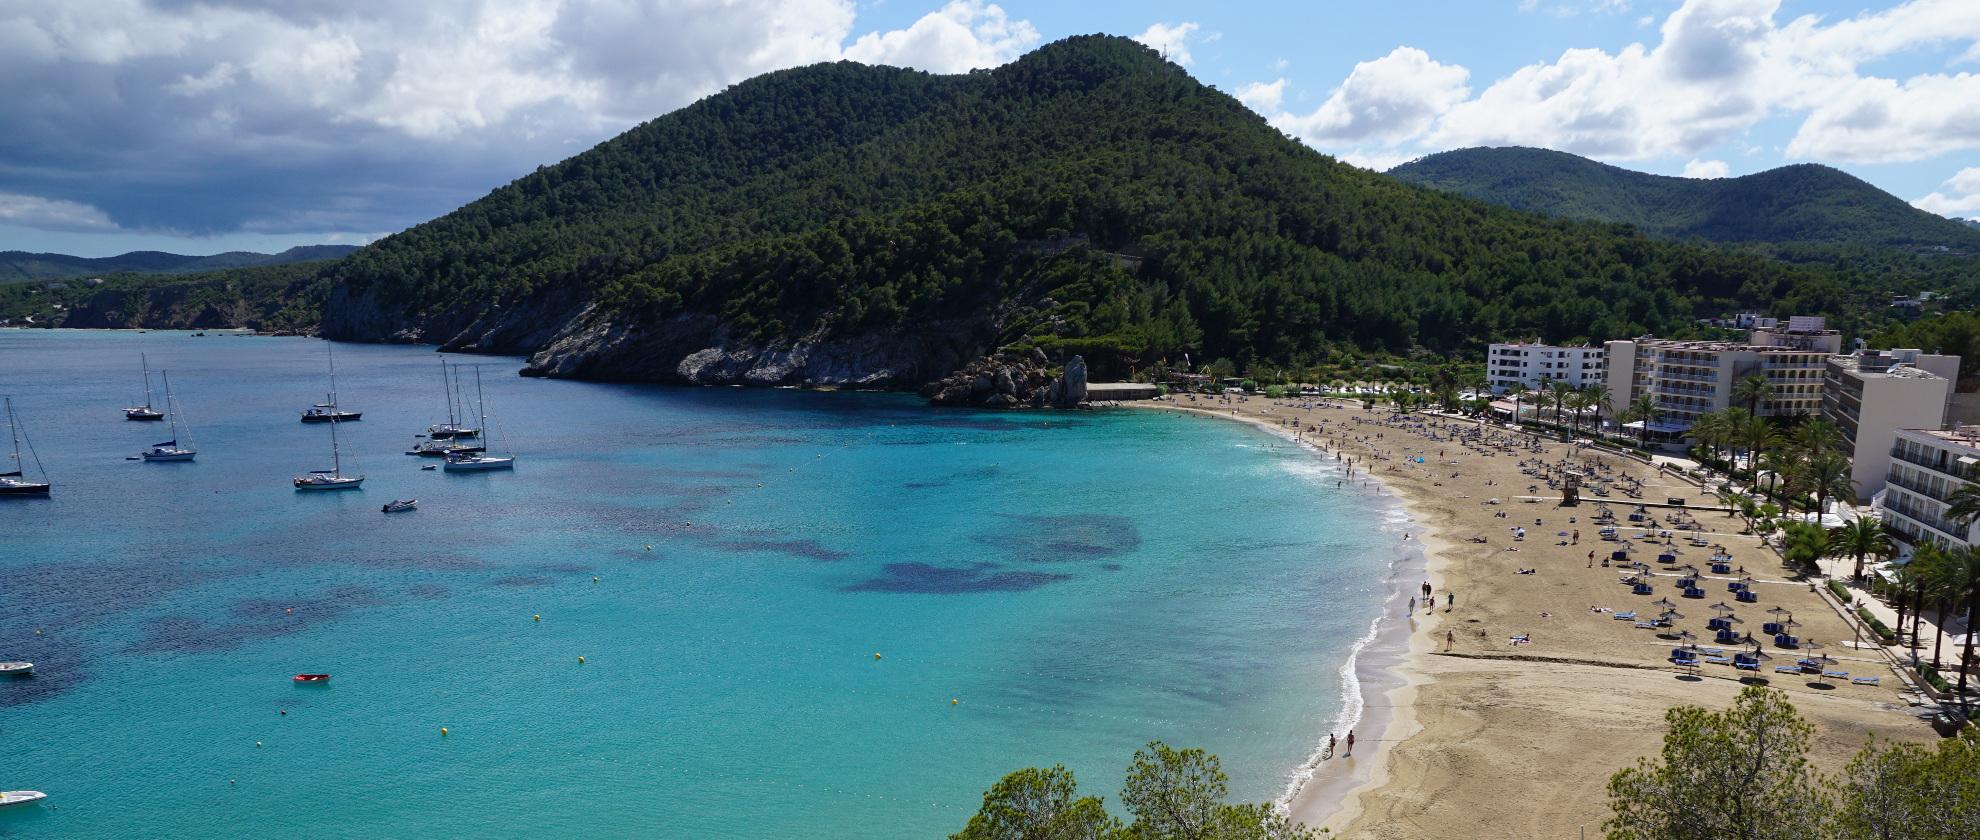 Travel Bucketlist: Ibiza